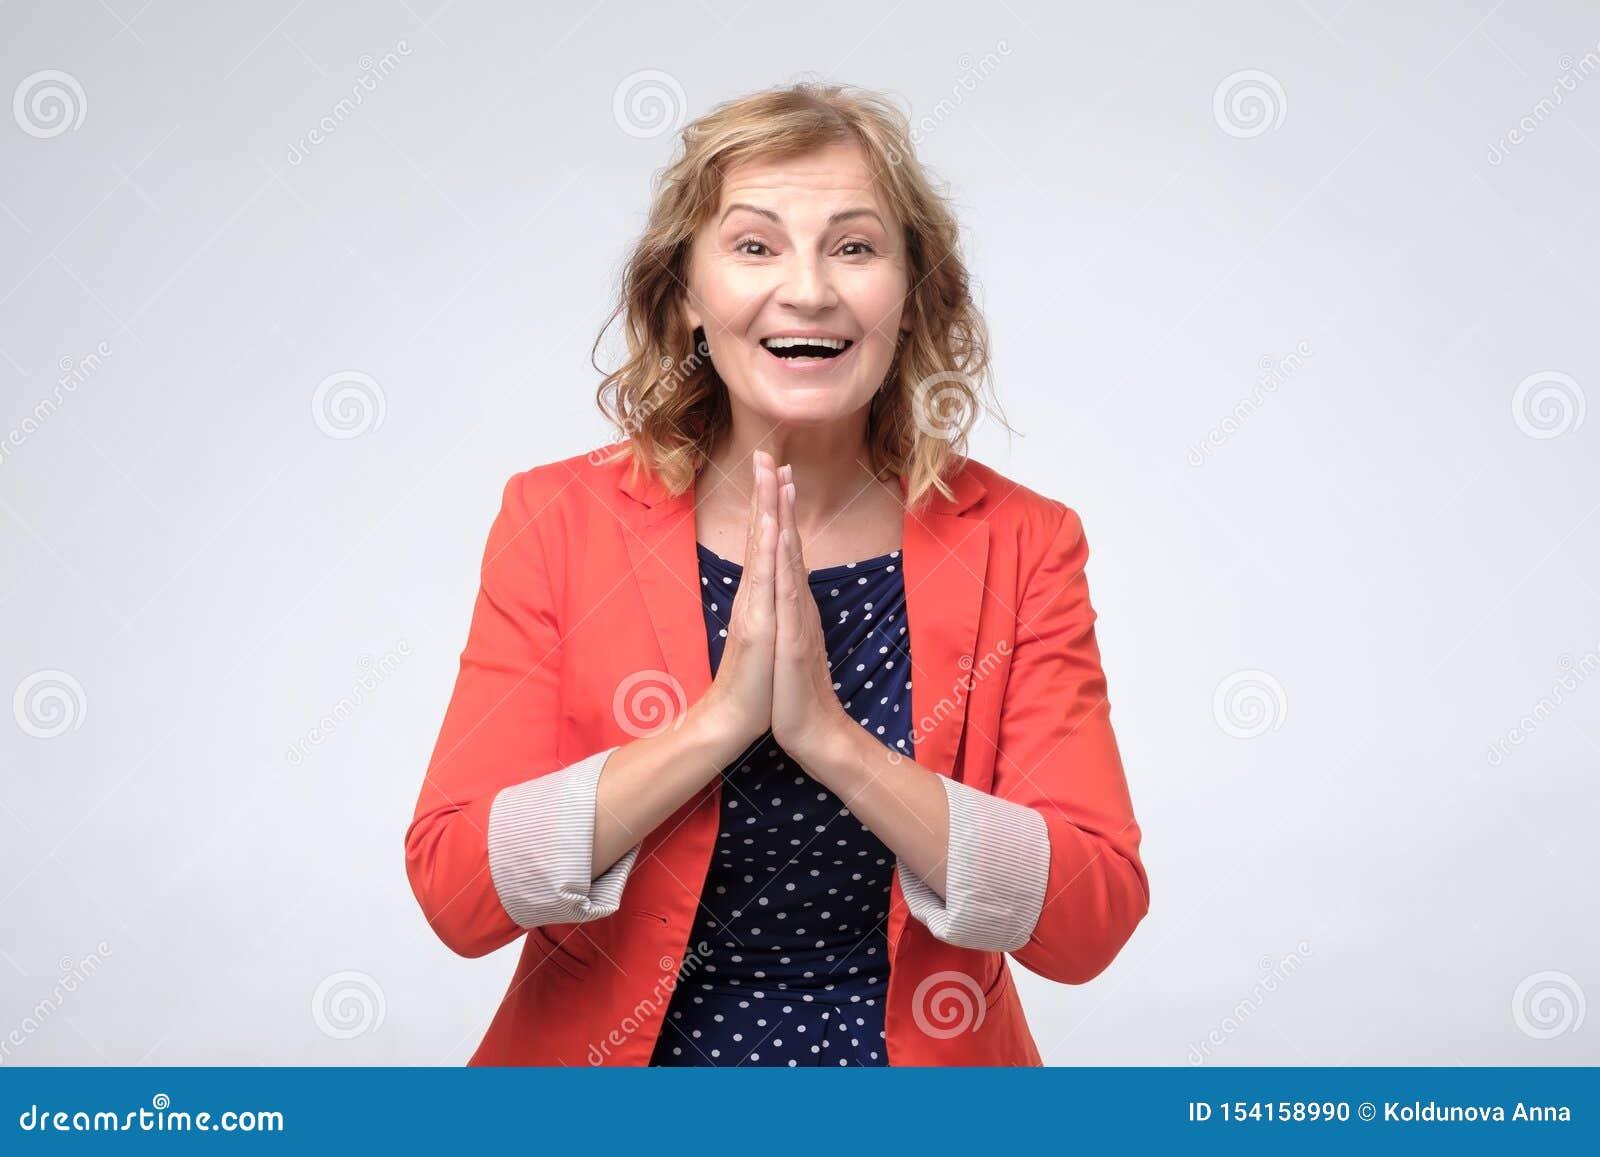 Удивленная зрелая женщина в красной куртке будучи в восторге о новостях смотря камеру